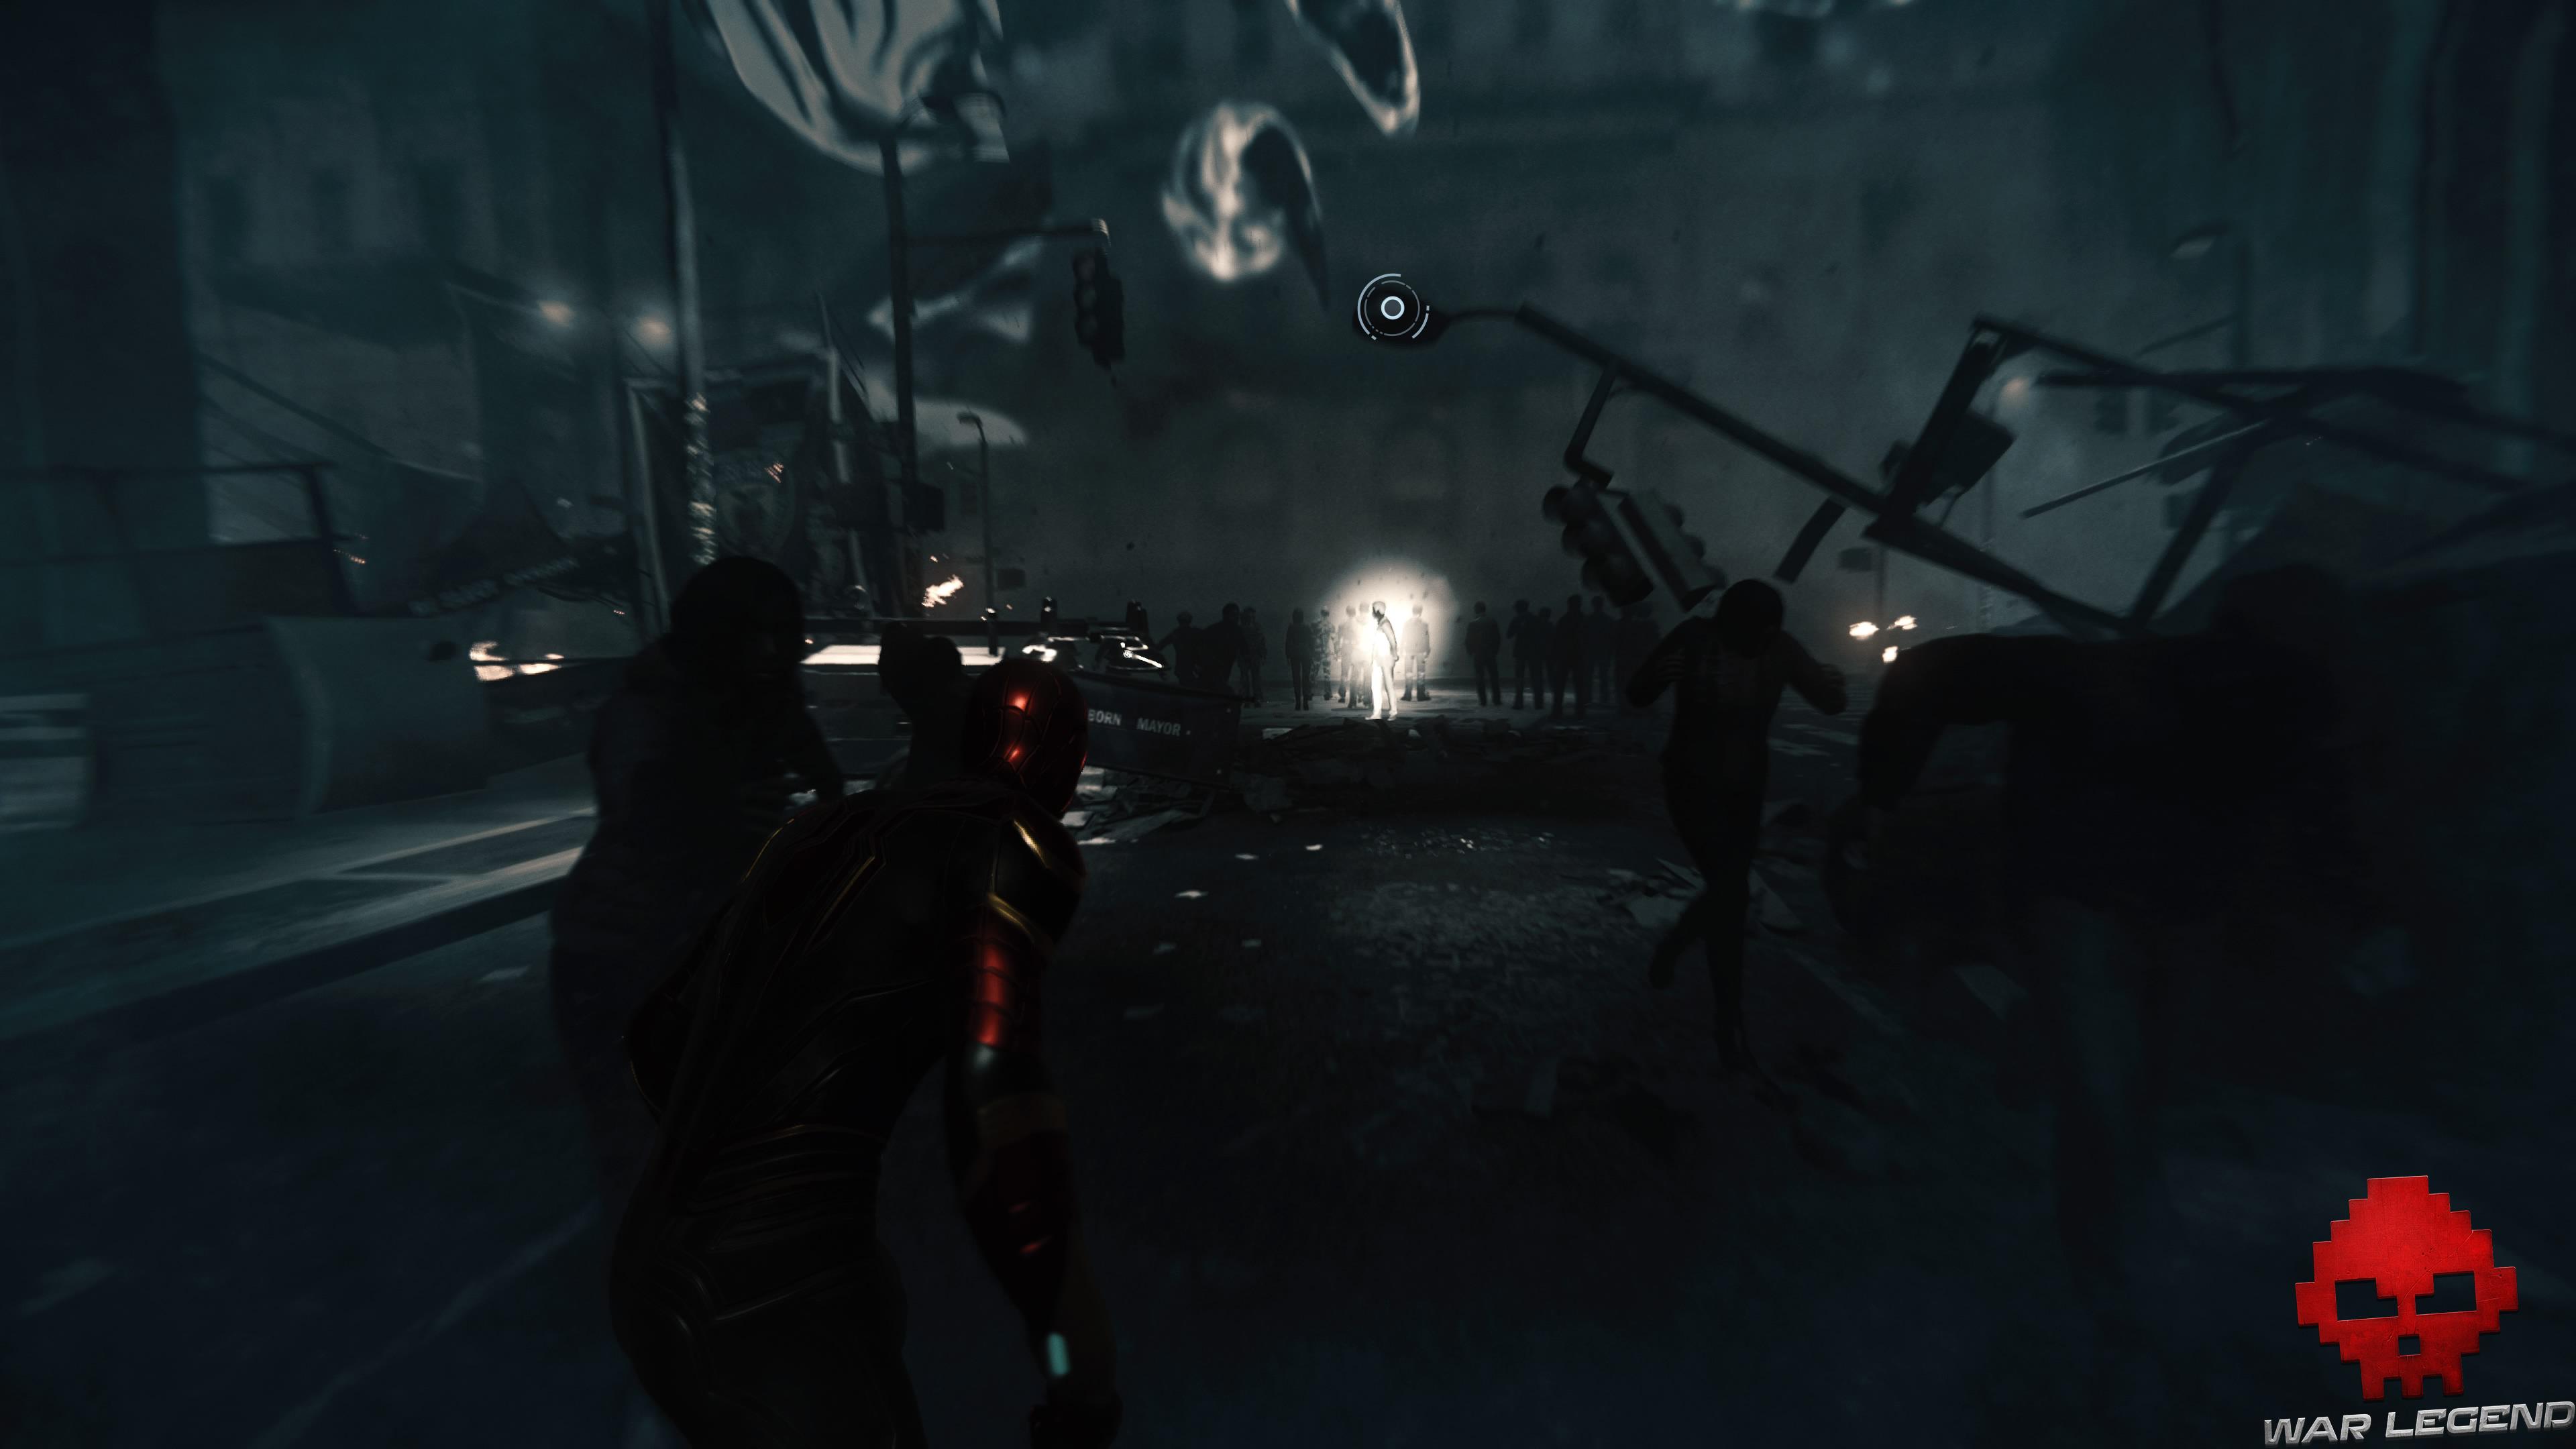 soluce spider-man collision imminente Mister Negative au milieu des ombres